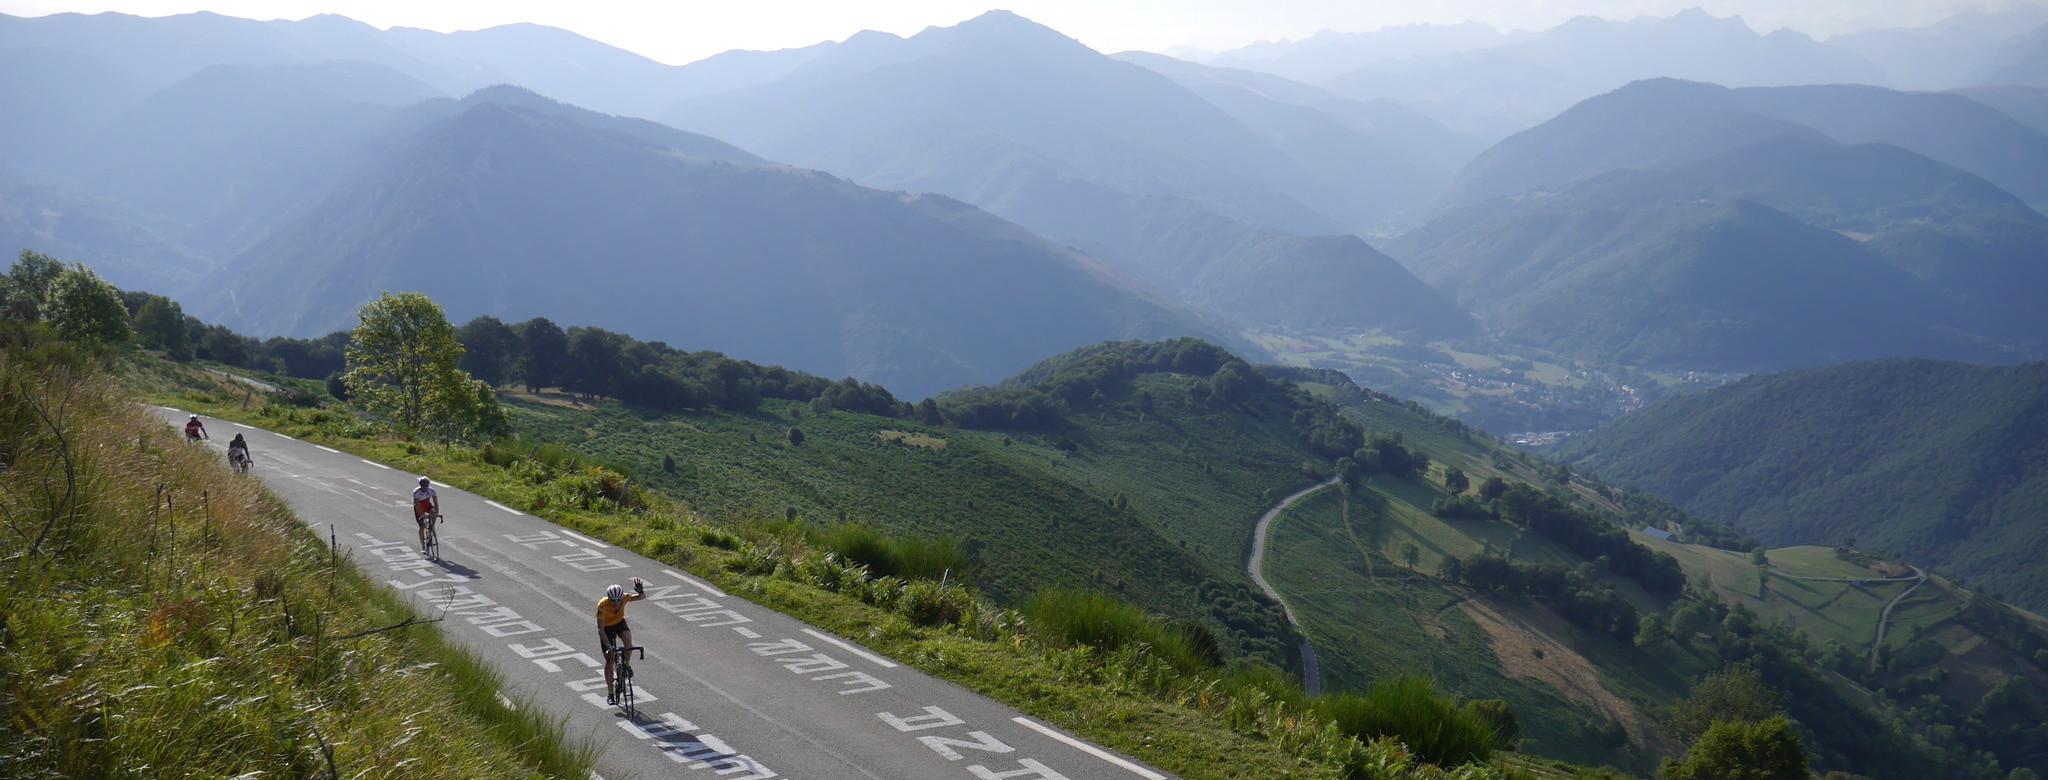 Quer über die Pyrenäen